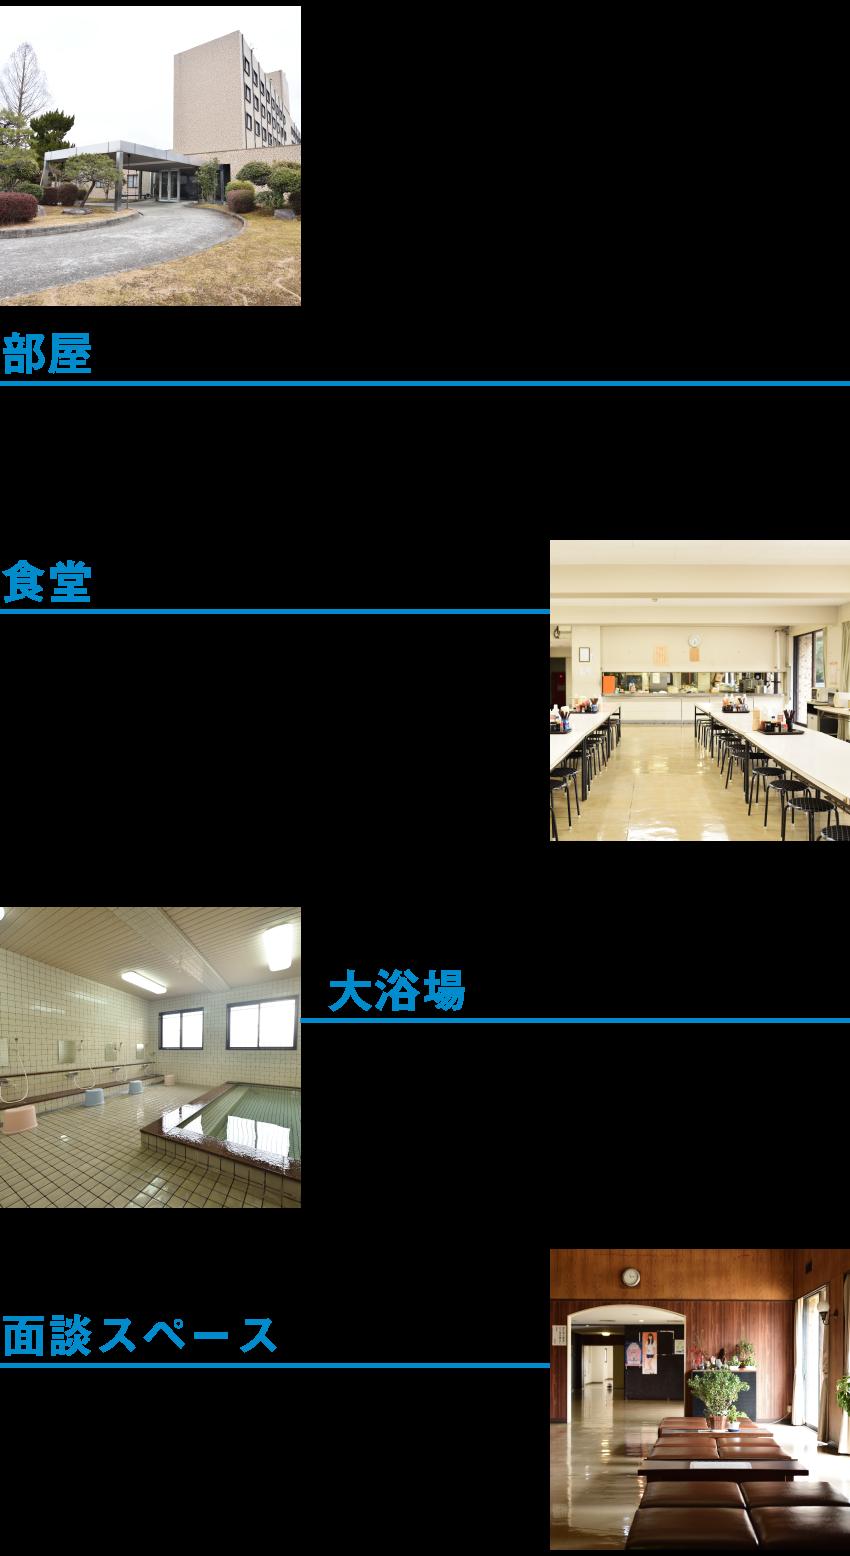 八本松独身寮紹介